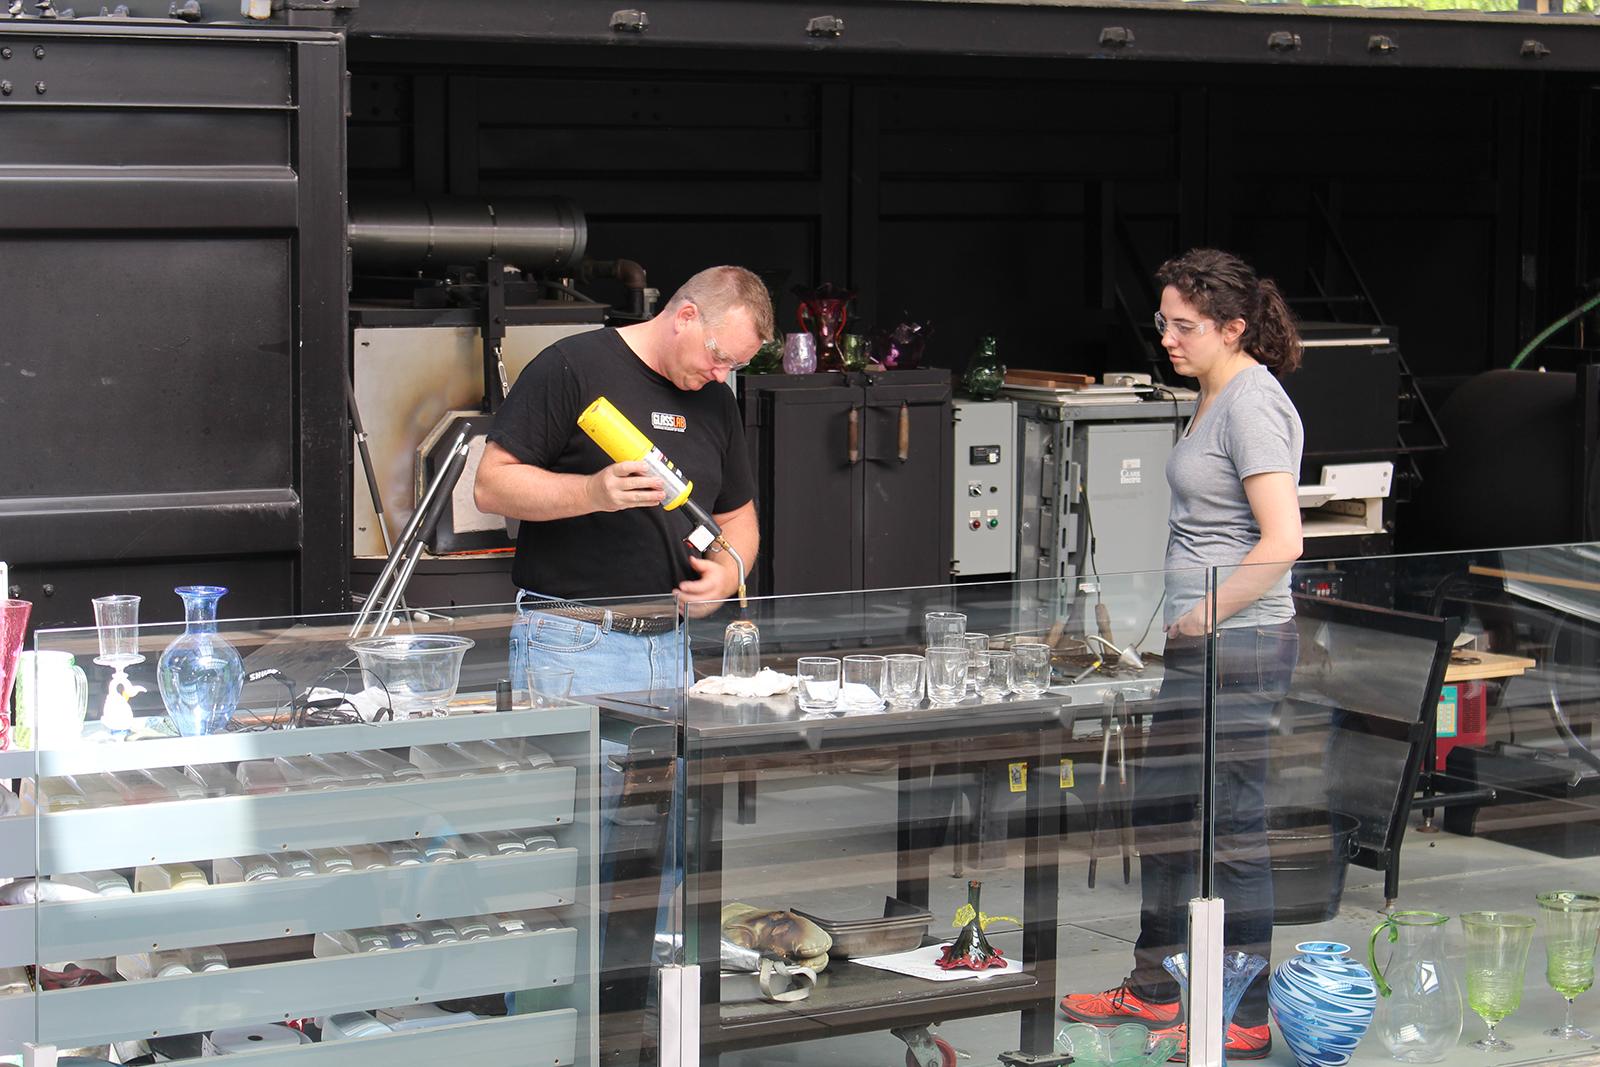 Designer Bridget Sheehan at GlassLab